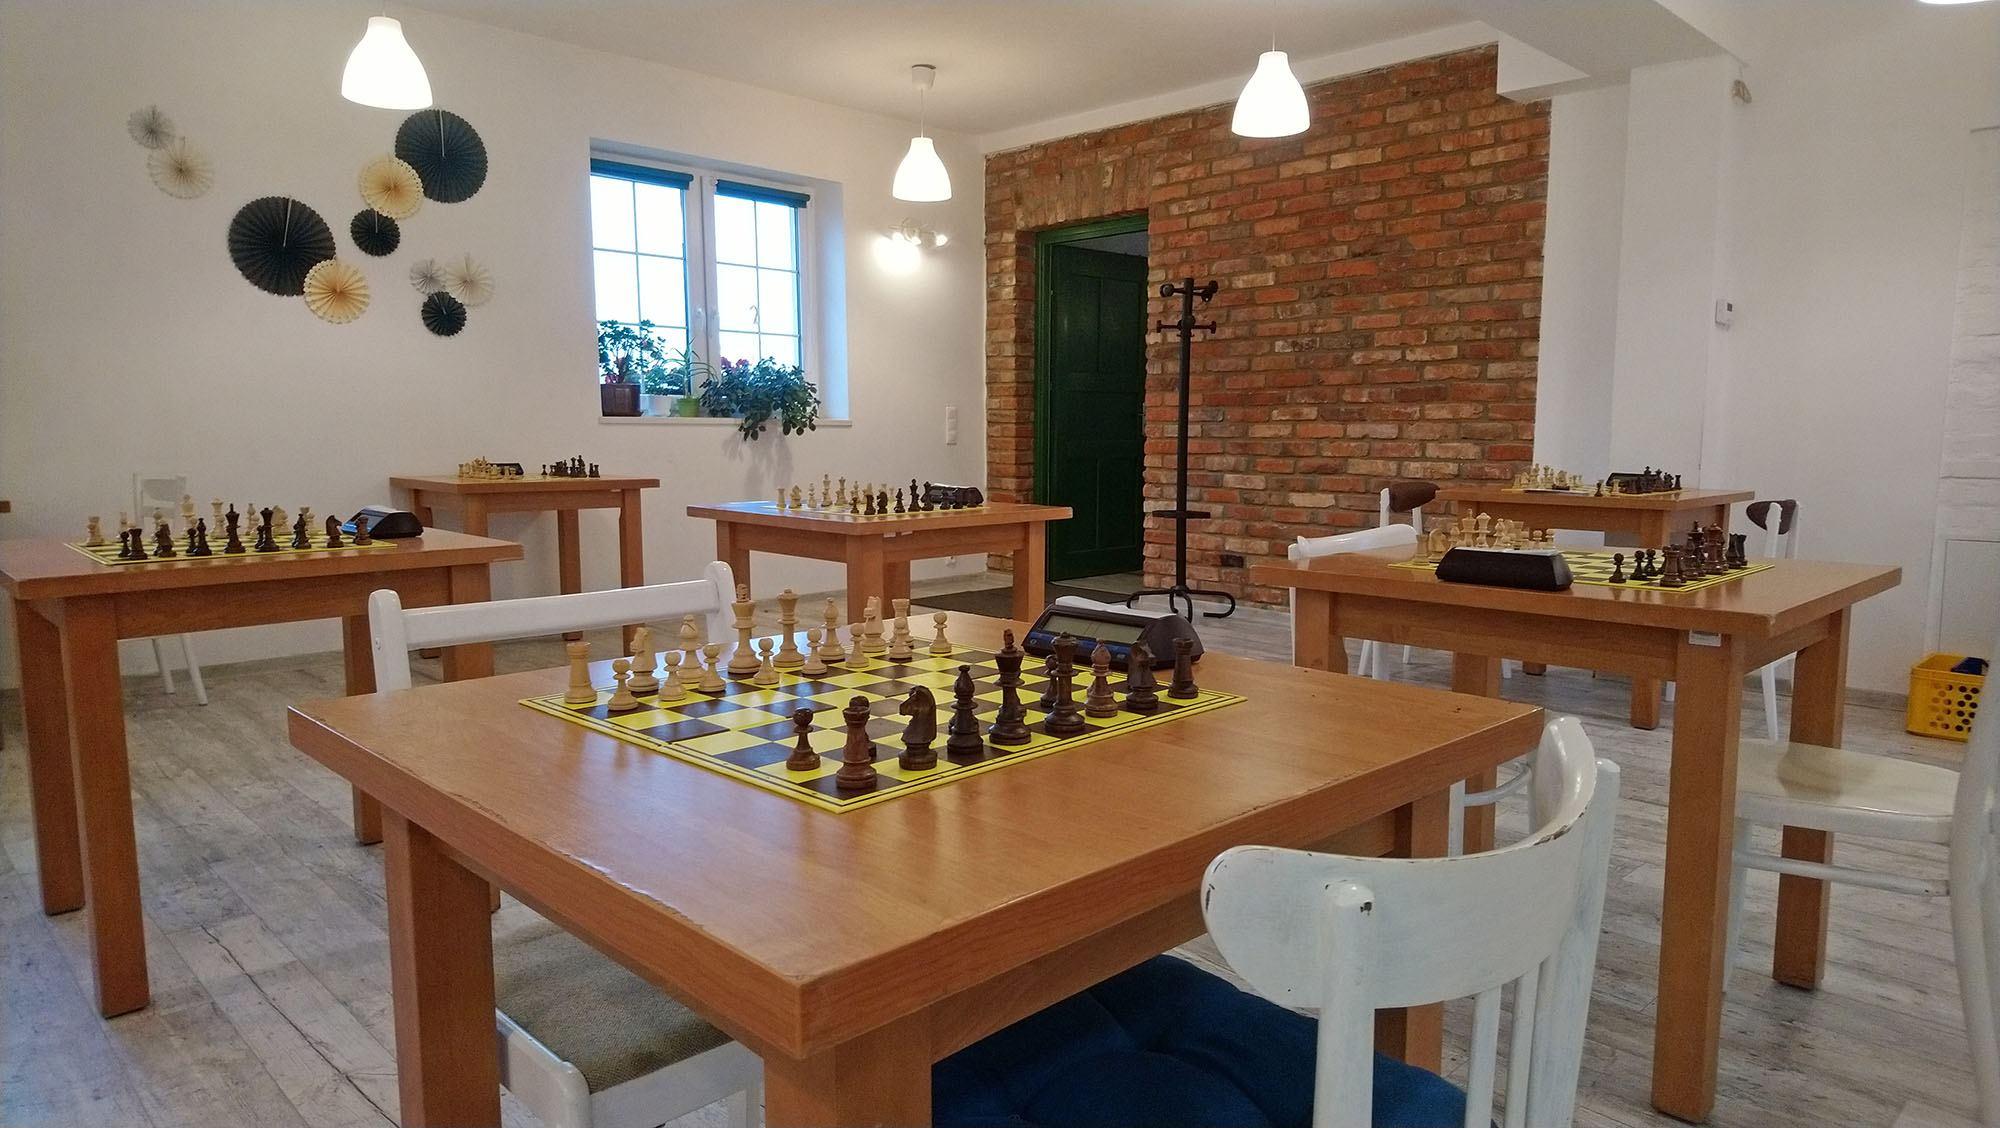 Na zdjęciu sala przygotowana do rozegrania Turnieju szachowego. Na zdjęciu znajdują się stoły z szachownicami oraz zegarami